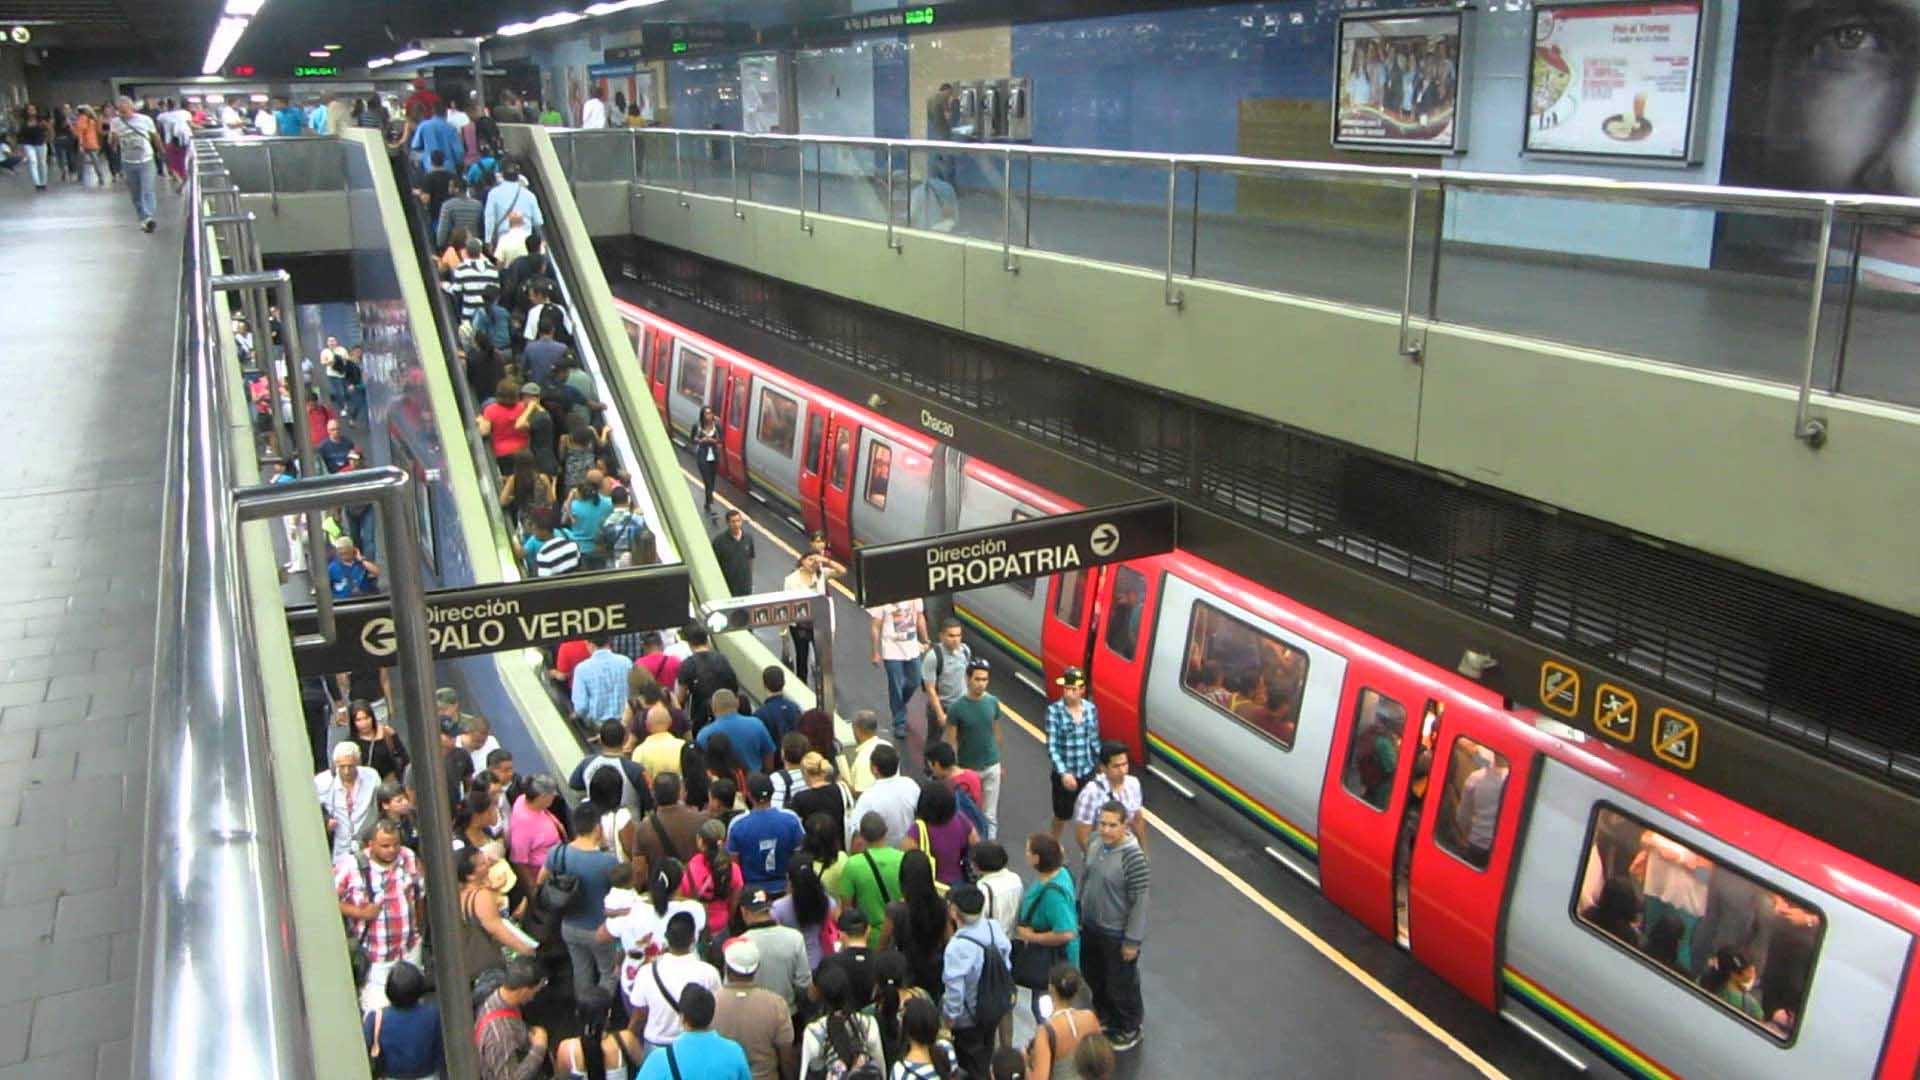 Por resguardo de sus usuarios, personal, instalaciones y unidades, el metro no prestará servicio comercial hasta nuevo aviso